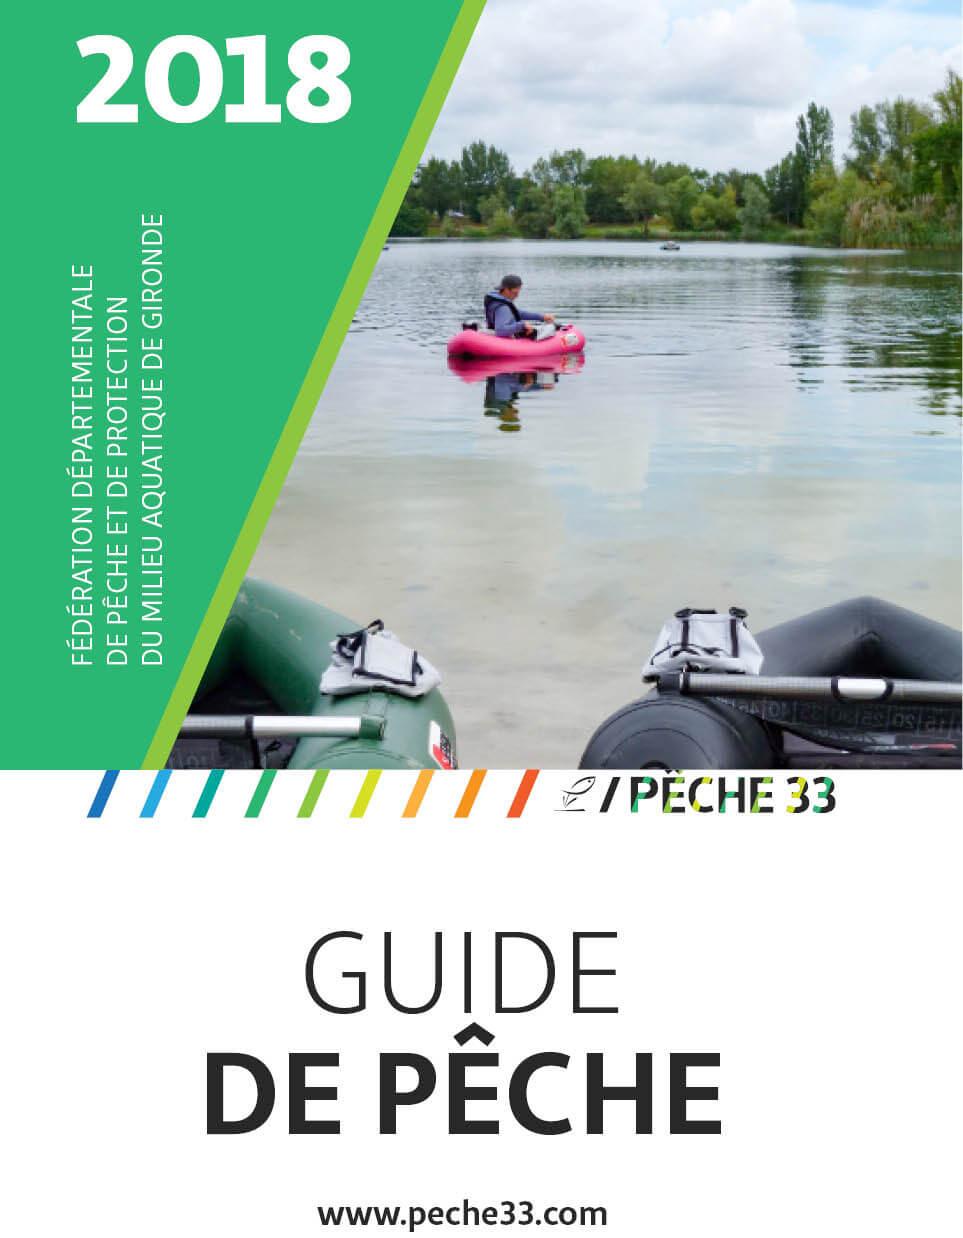 1er de couverture guide de pêche